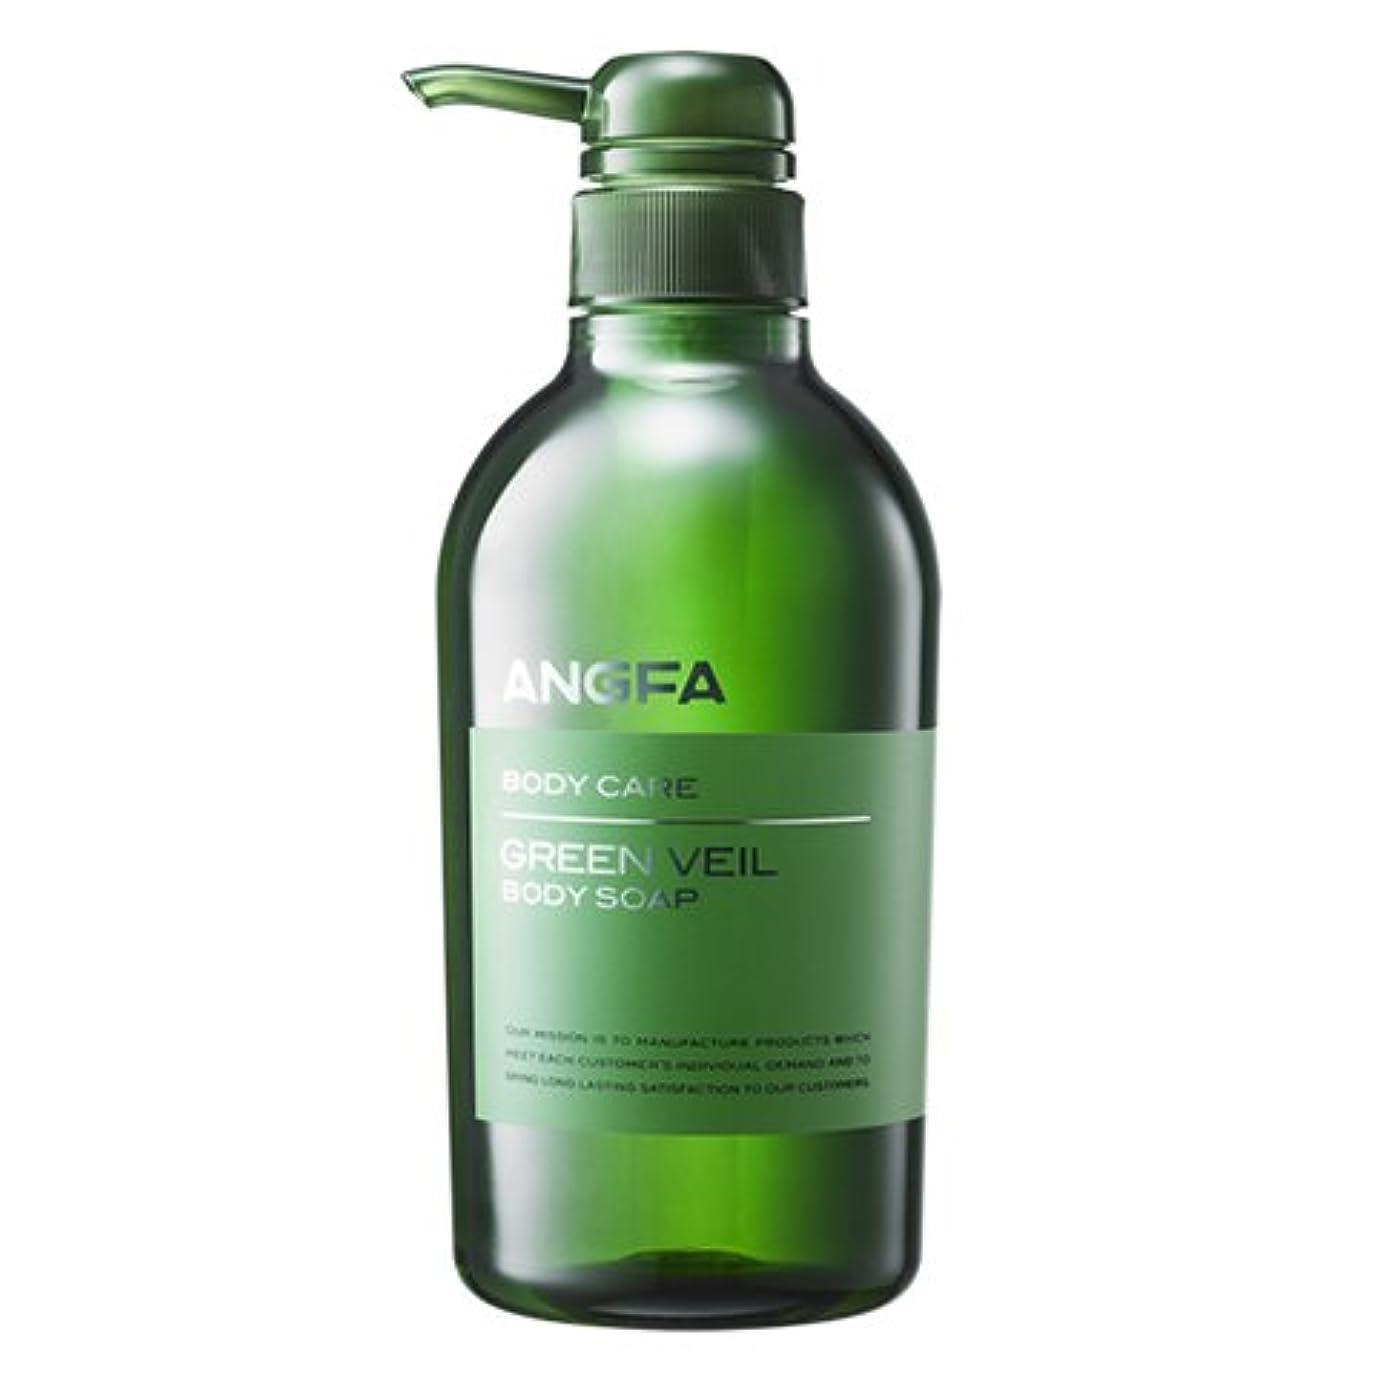 メガロポリス条件付き地球アンファー (ANGFA) グリーンベール 薬用ボディソープ 500ml グリーンフローラル [乾燥?保湿] かゆみ肌